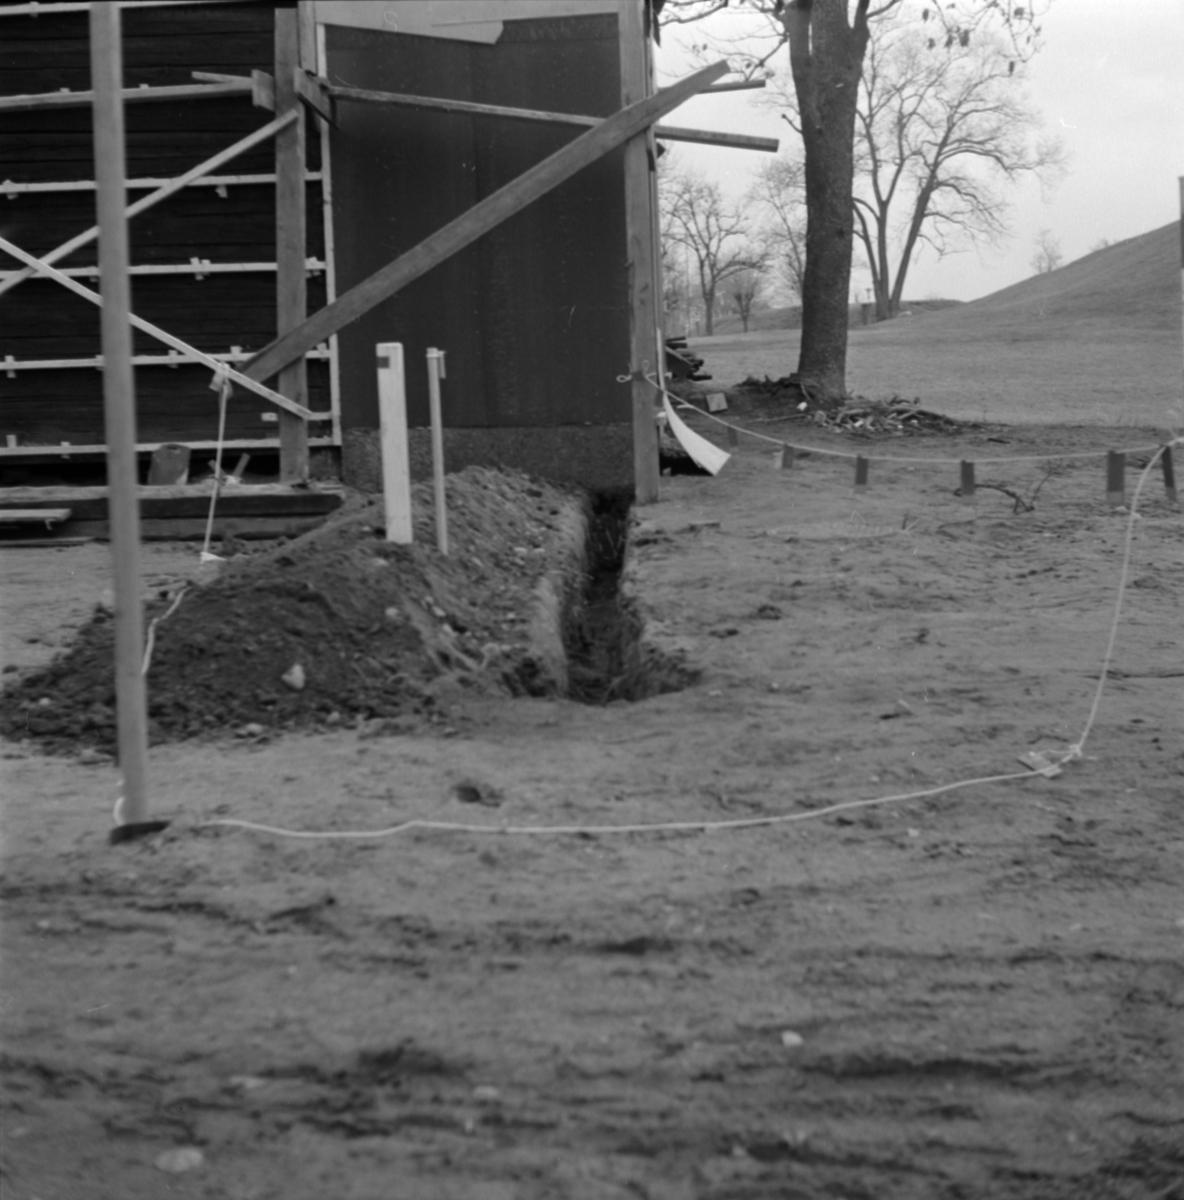 Arkeologisk undersökning, schakt 2 och 9, Prästgården 1:1, Gamla Uppsala 1972